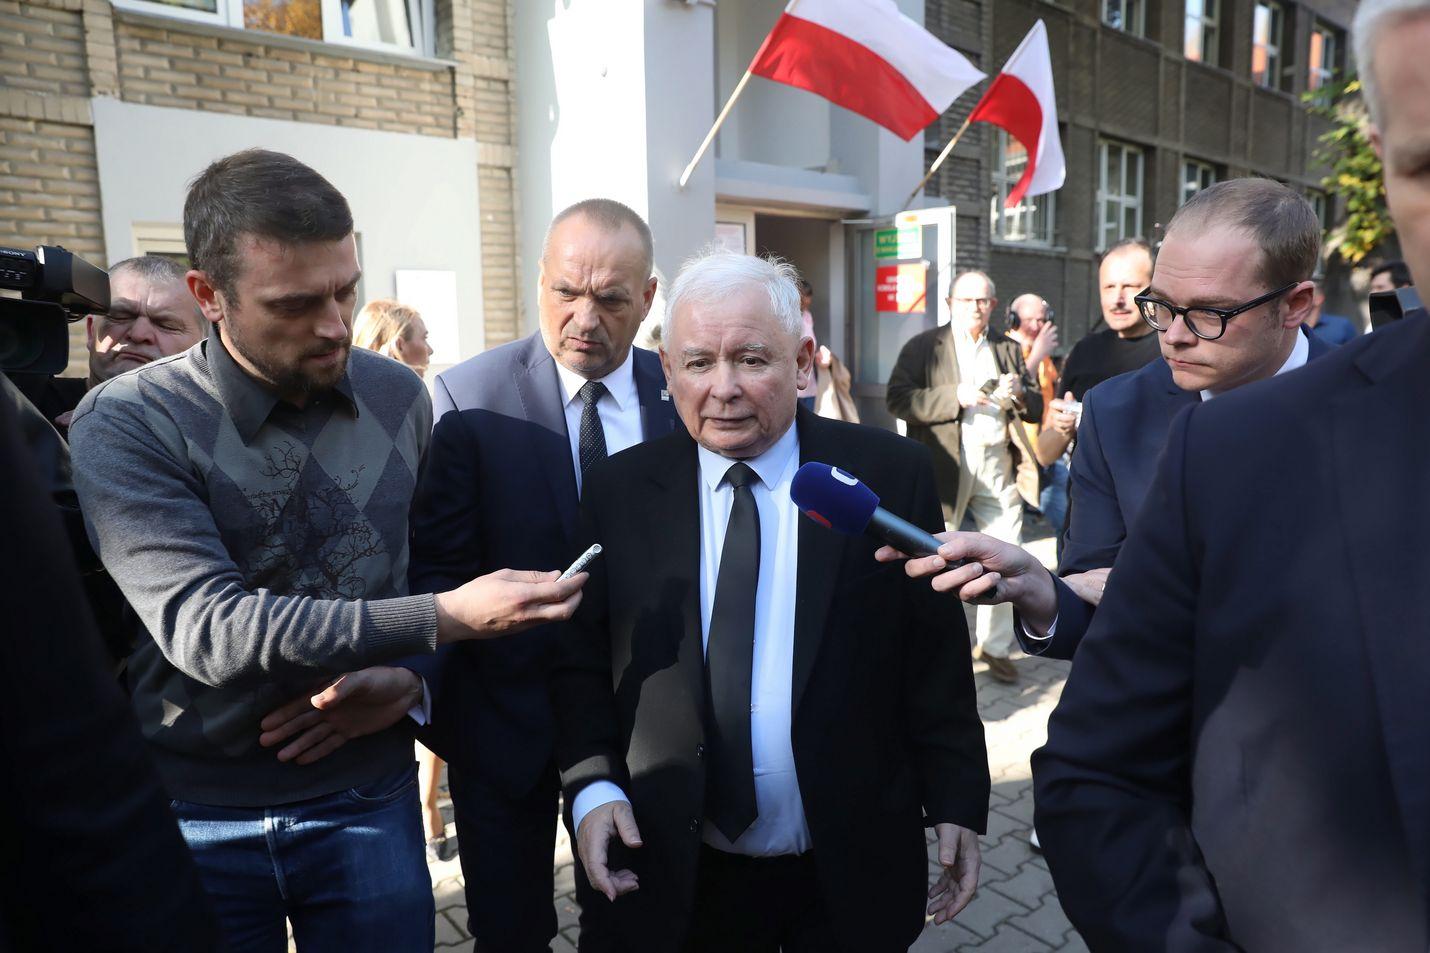 Hallitsevan Laki ja oikeus -puolueen johtaja Jaroslaw Kaczynski puhui sunnuntaina toimittajien kanssa Varsovassa käytyään äänestämässä.